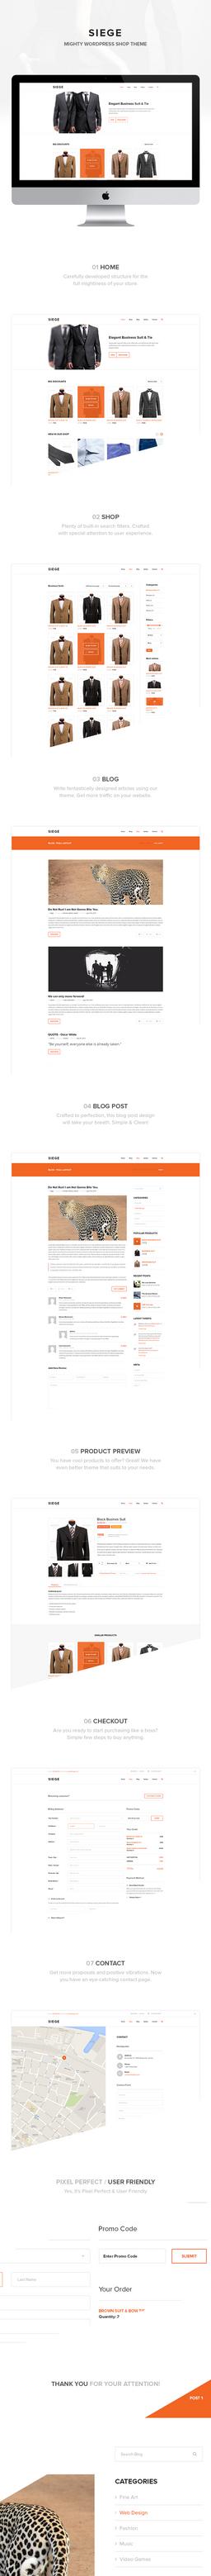 SIEGE - Powerful Wordpress Theme by Crowd-Themes by harmonikas996